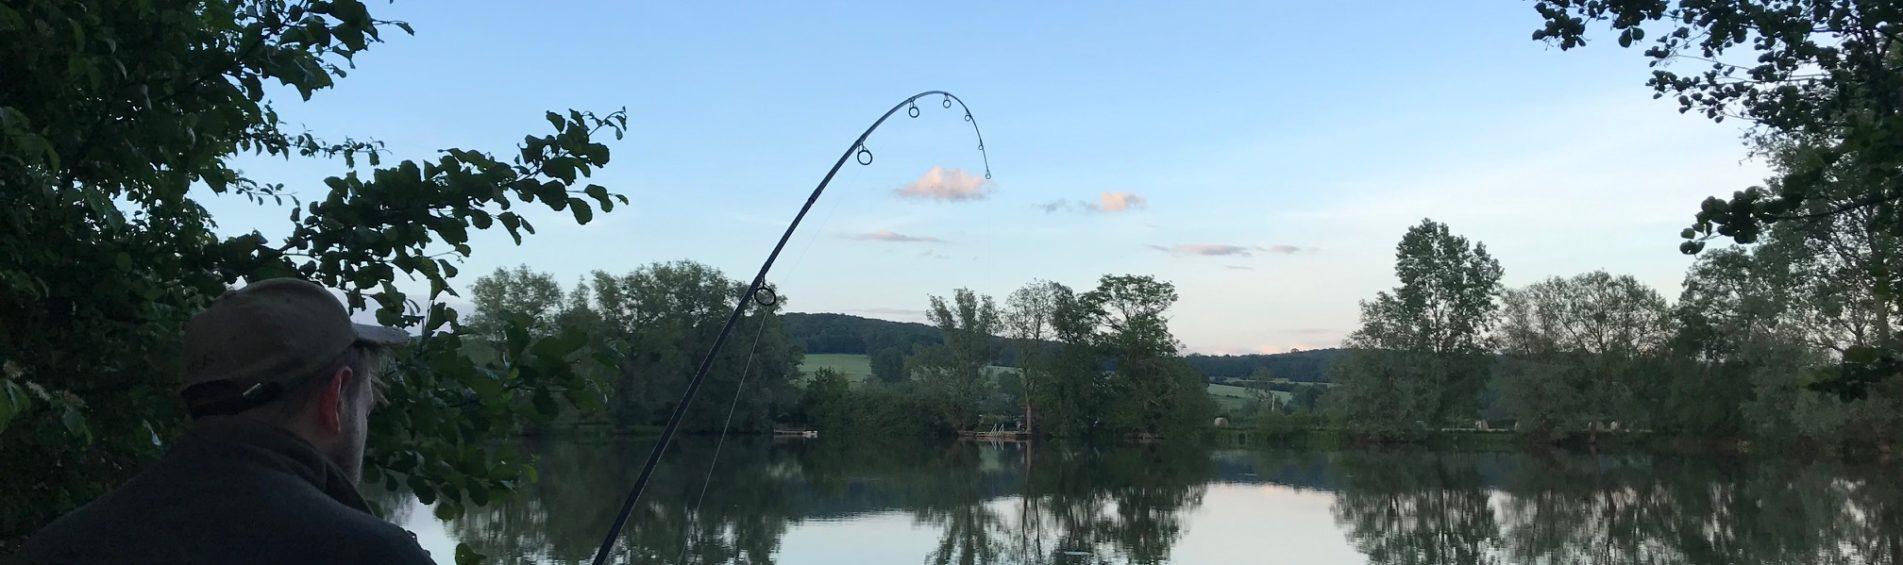 Juni 2019, over vissen in Frankrijk, eerste en laatste keren